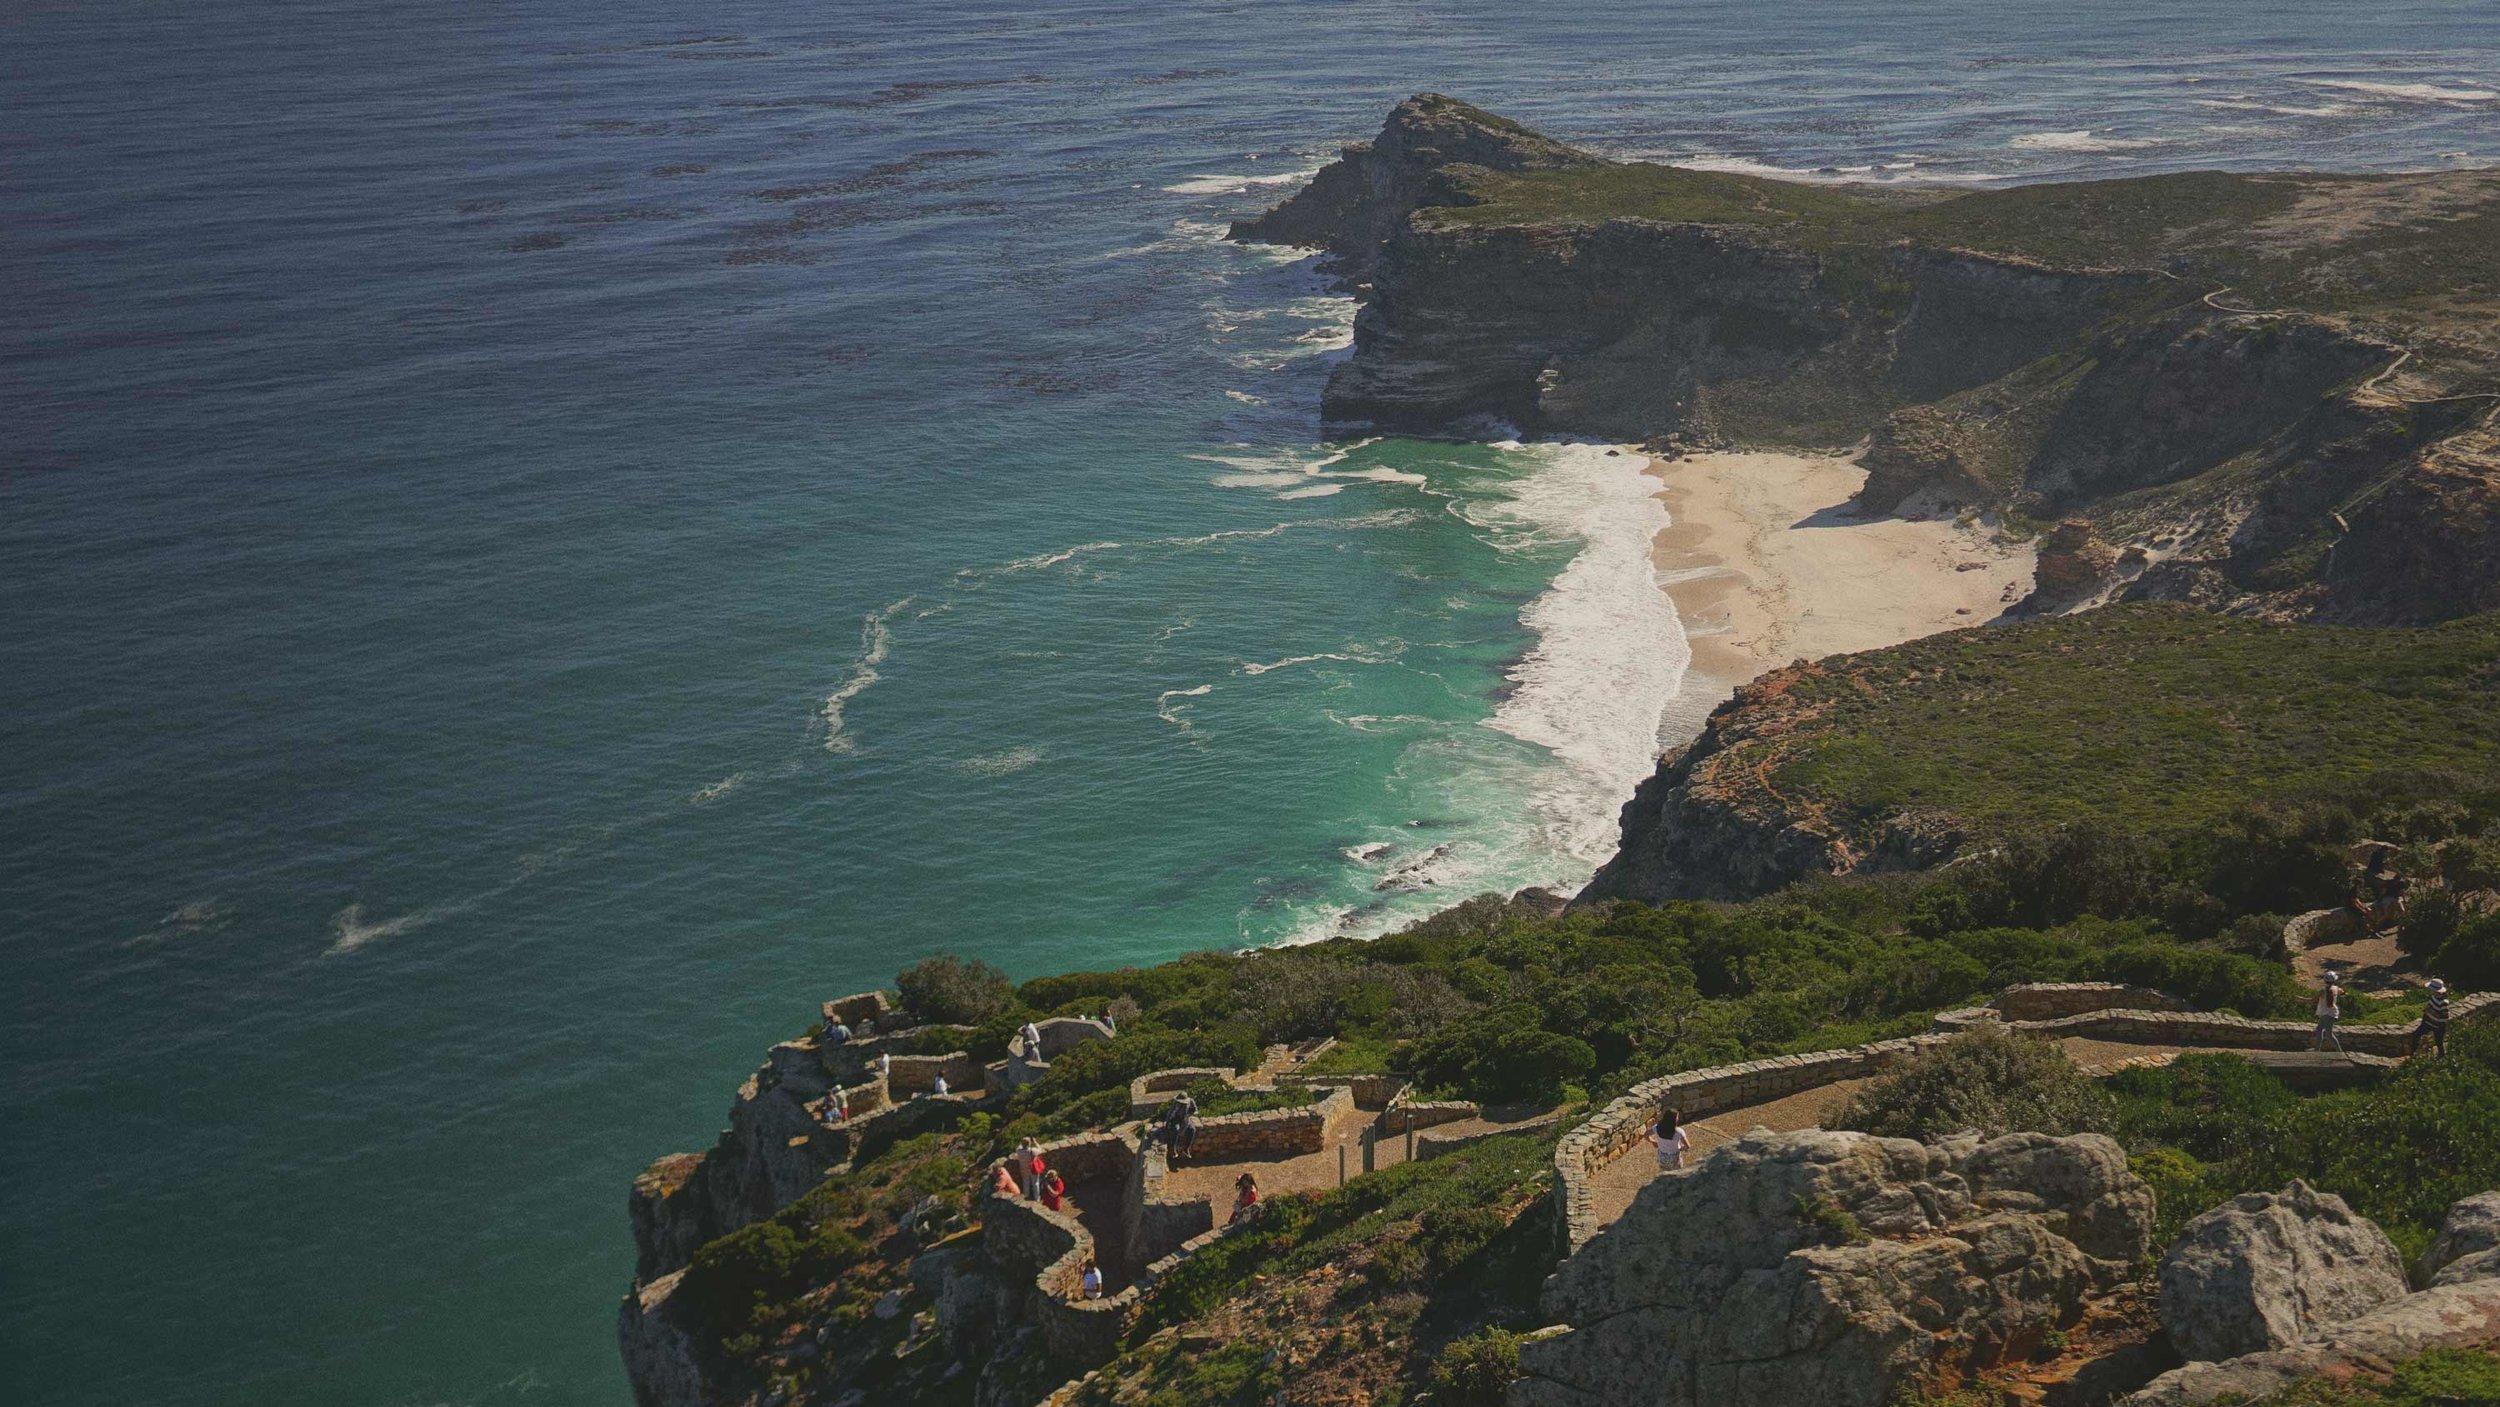 05_Giepert_South_Africa.jpg